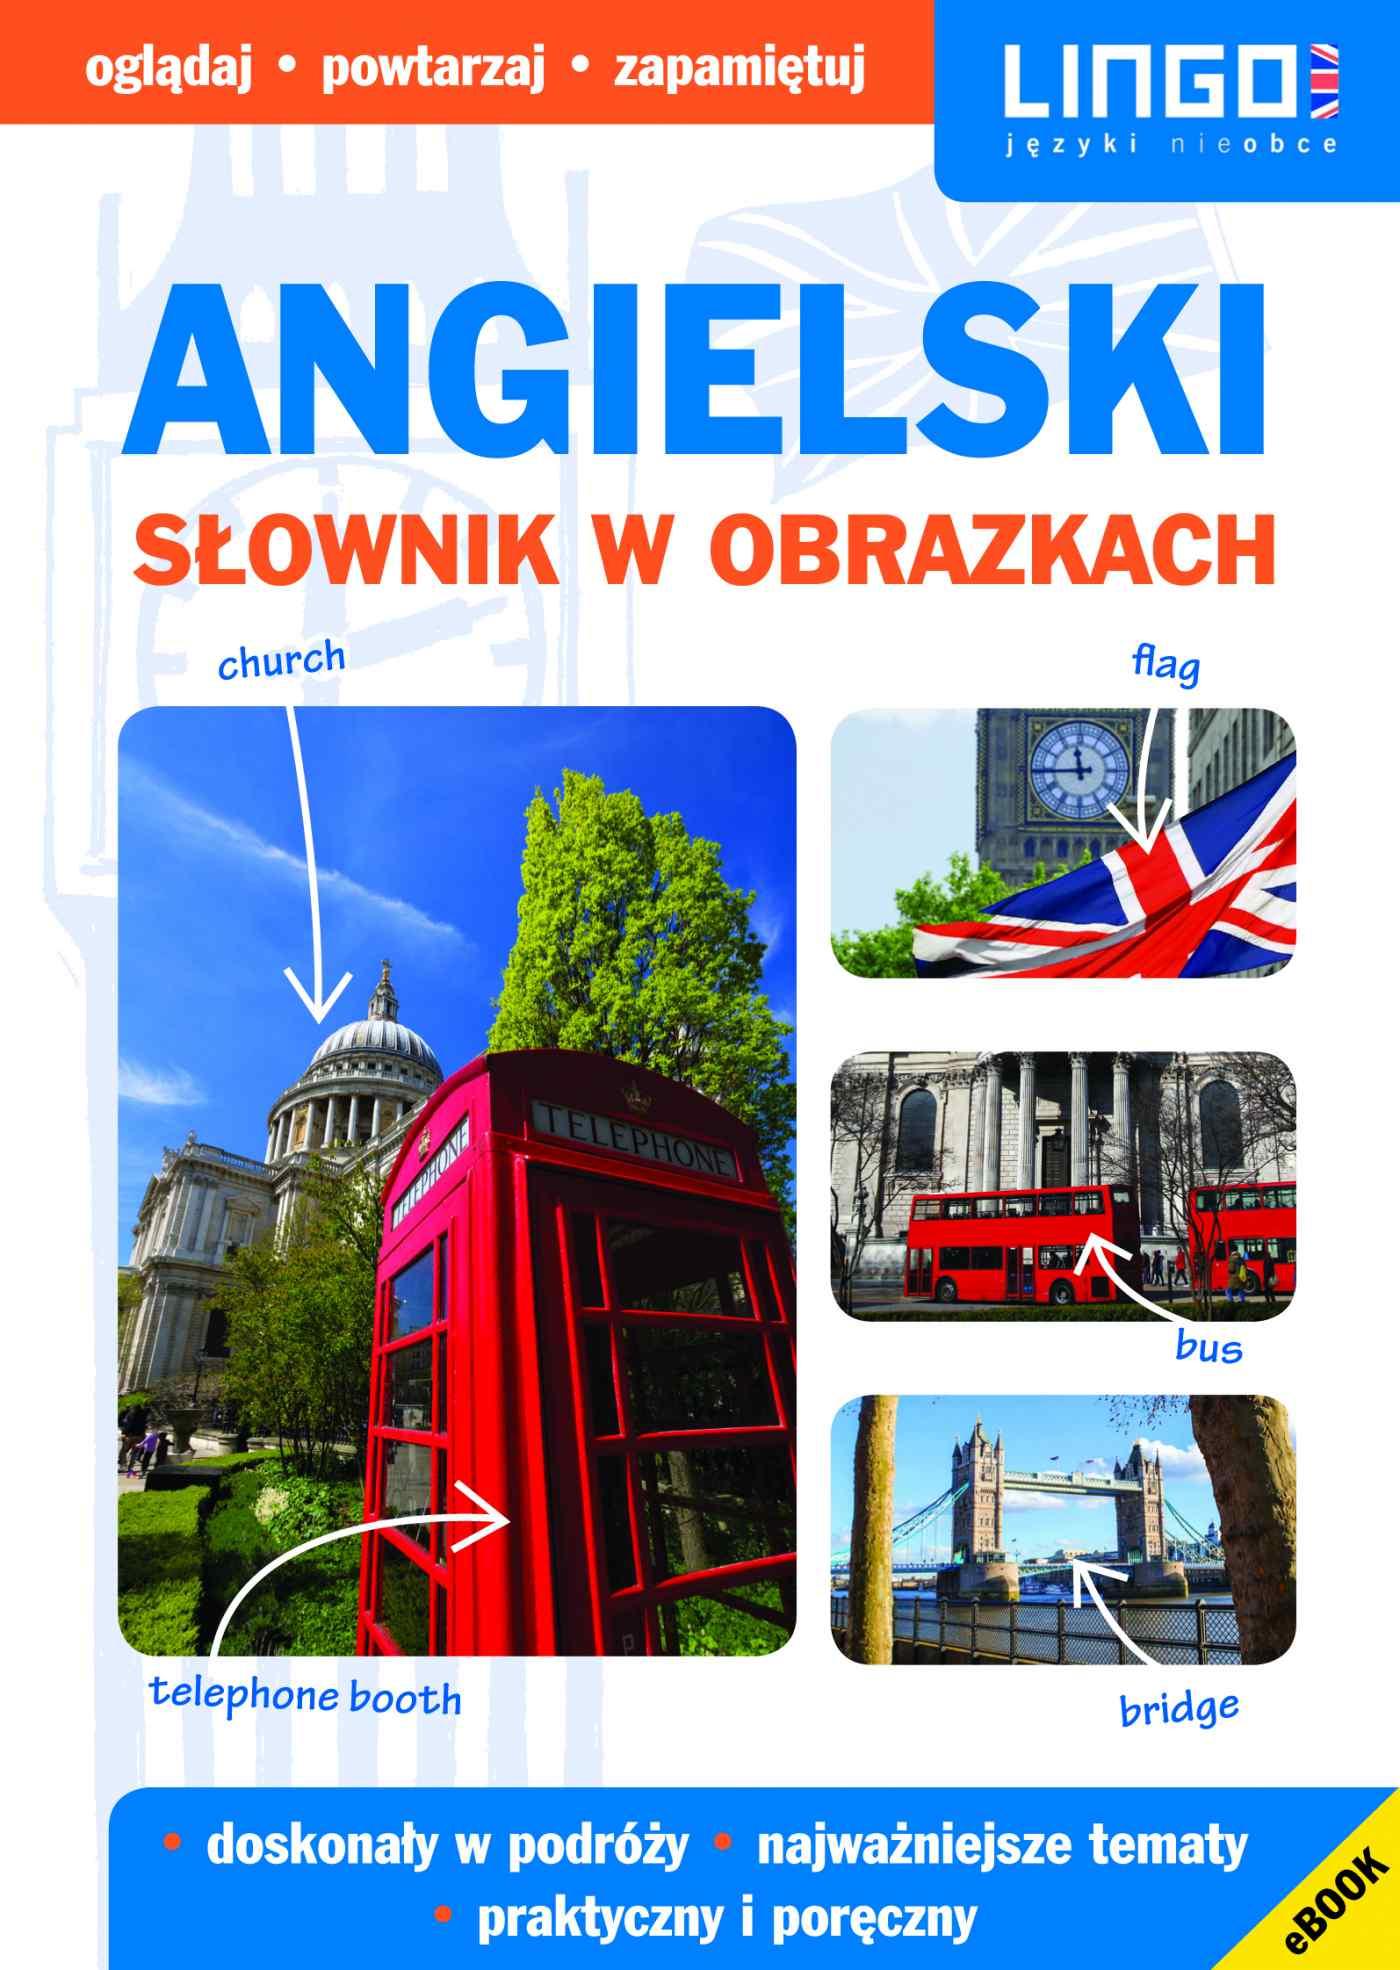 Angielski. Słownik w obrazkach. eBook - Ebook (Książka PDF) do pobrania w formacie PDF